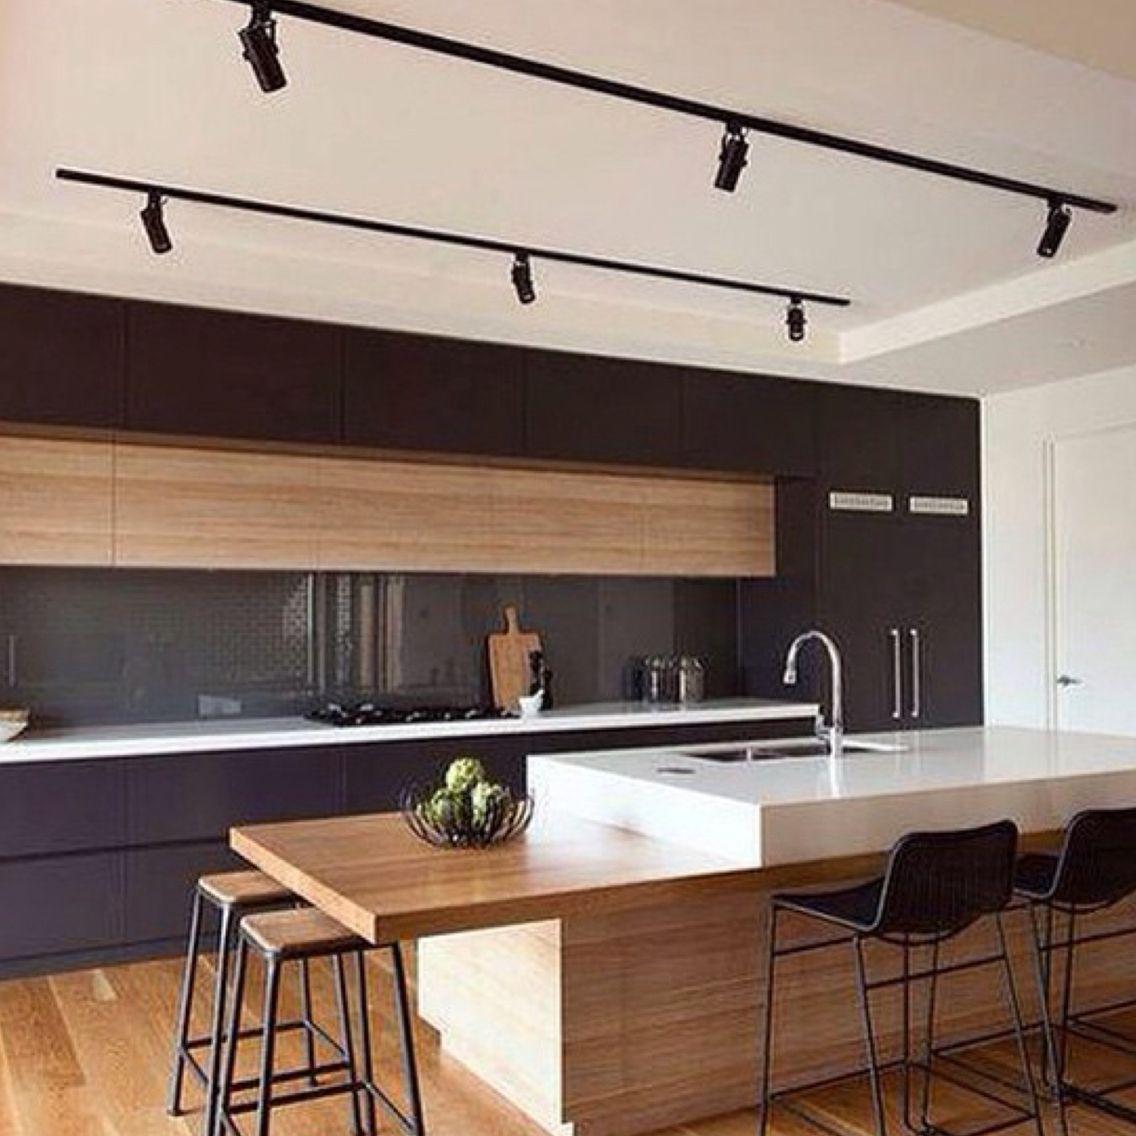 Teilweise ansprechend | Moderní kuchyně | Pinterest | Küche, Moderne ...